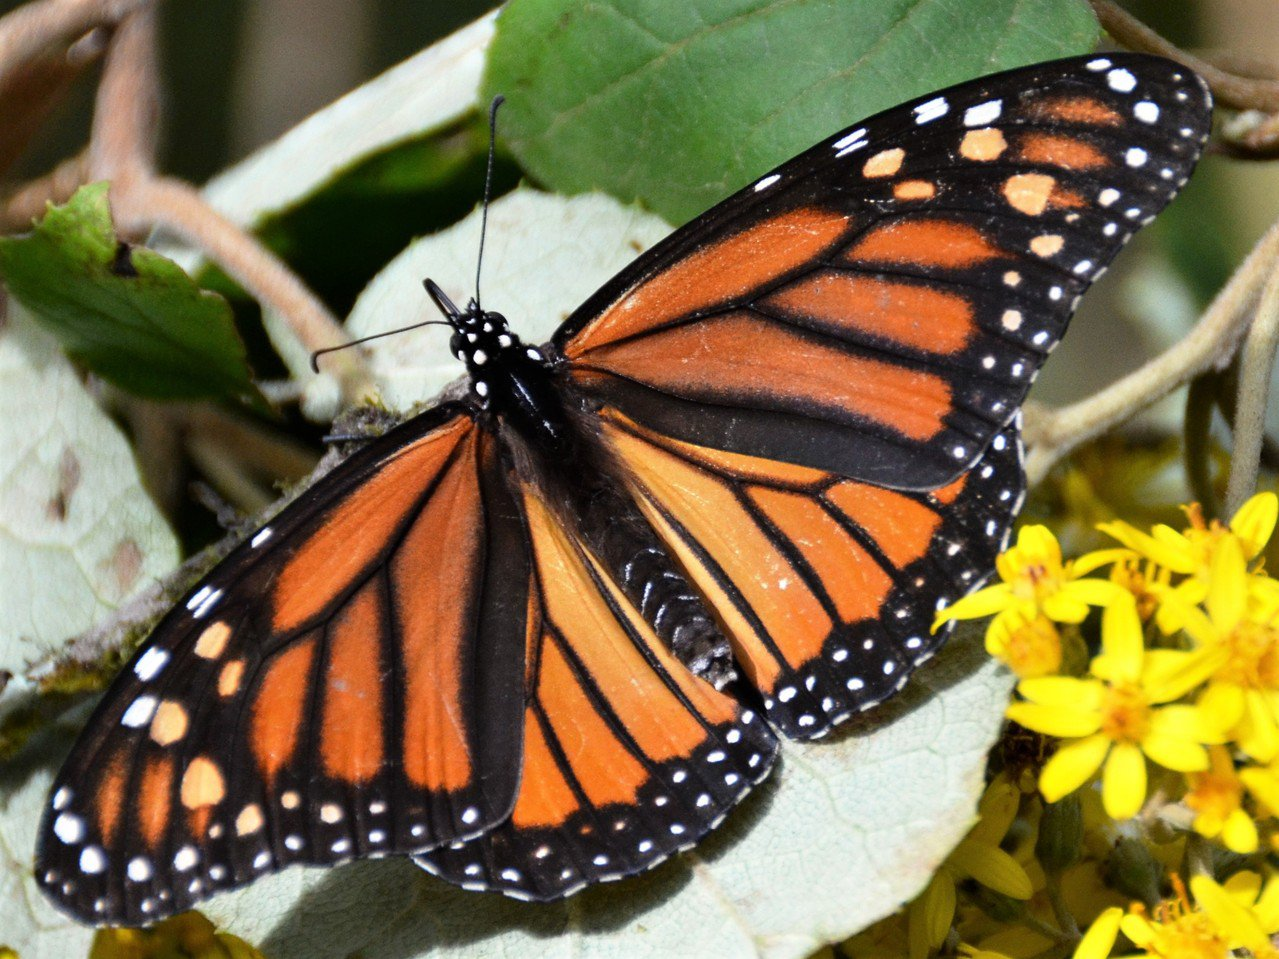 希臘神話中,蝴蝶是女神賽姬(Psyche)的化身,她的美麗傾倒眾神。我當時認為,...